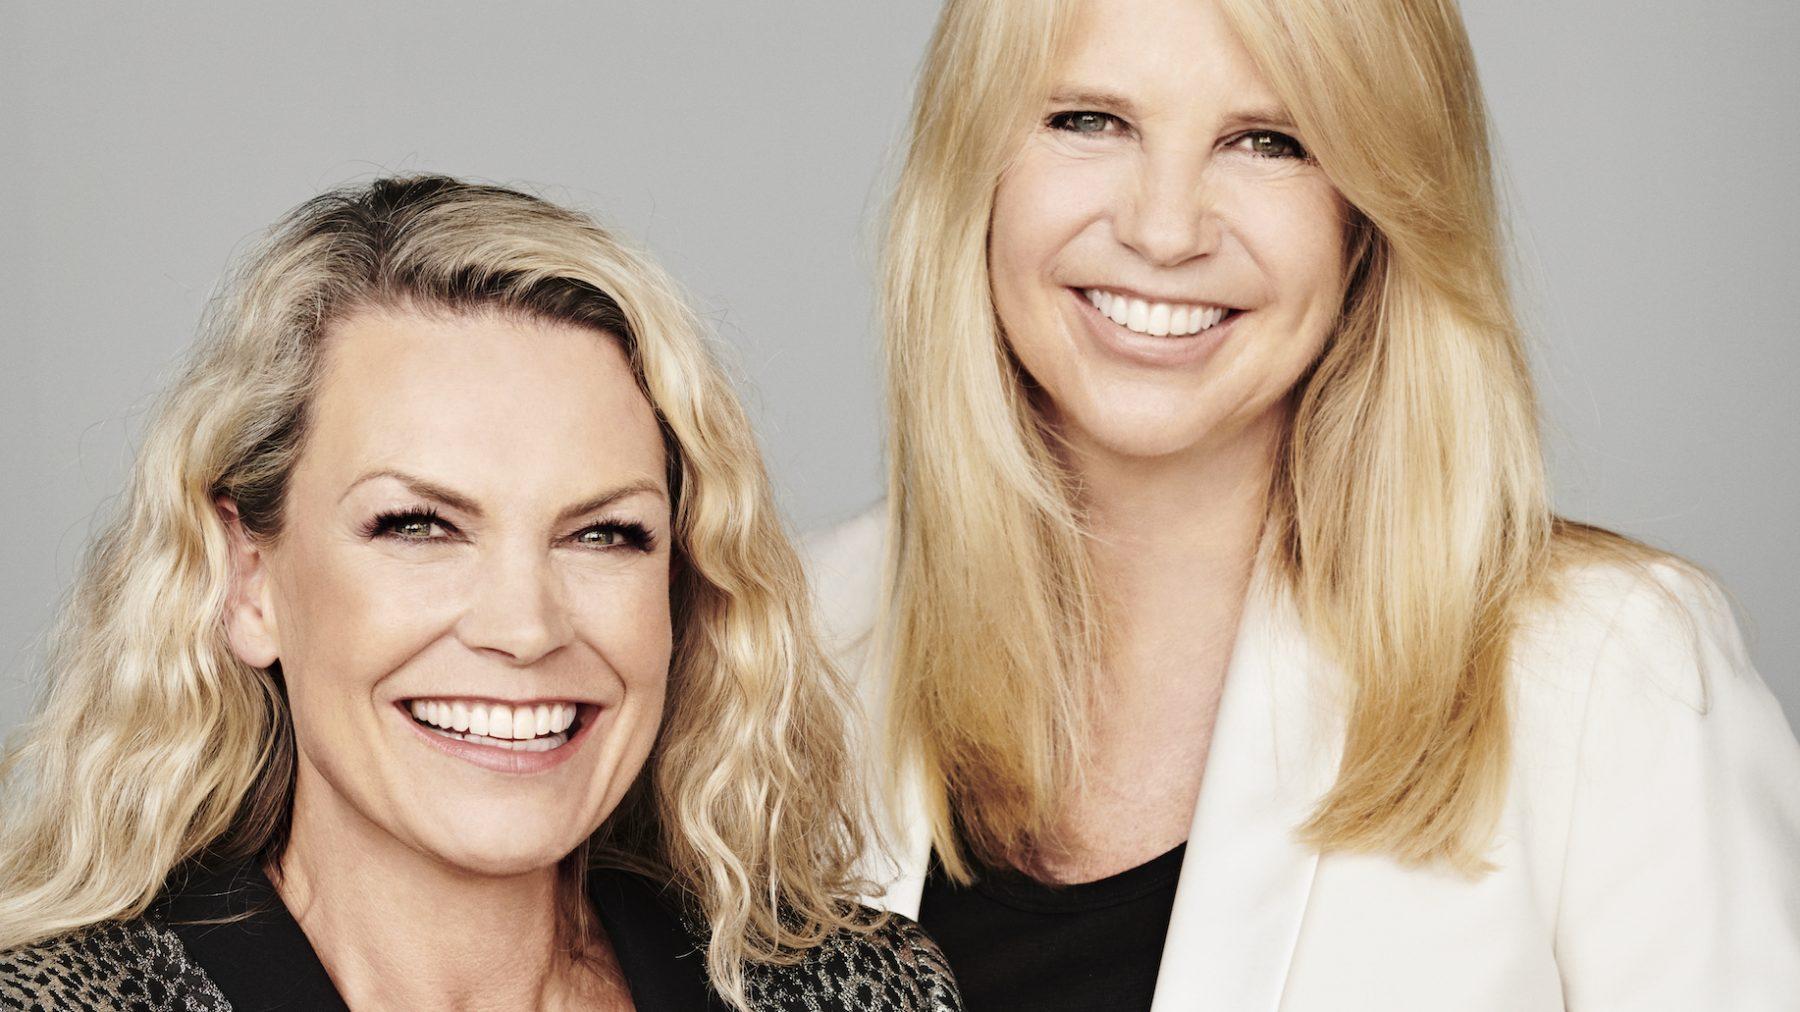 Linda de Mol en Talpa kopen LINDA., Linda en Jildou van der Bijl worden creatief directeur Net5